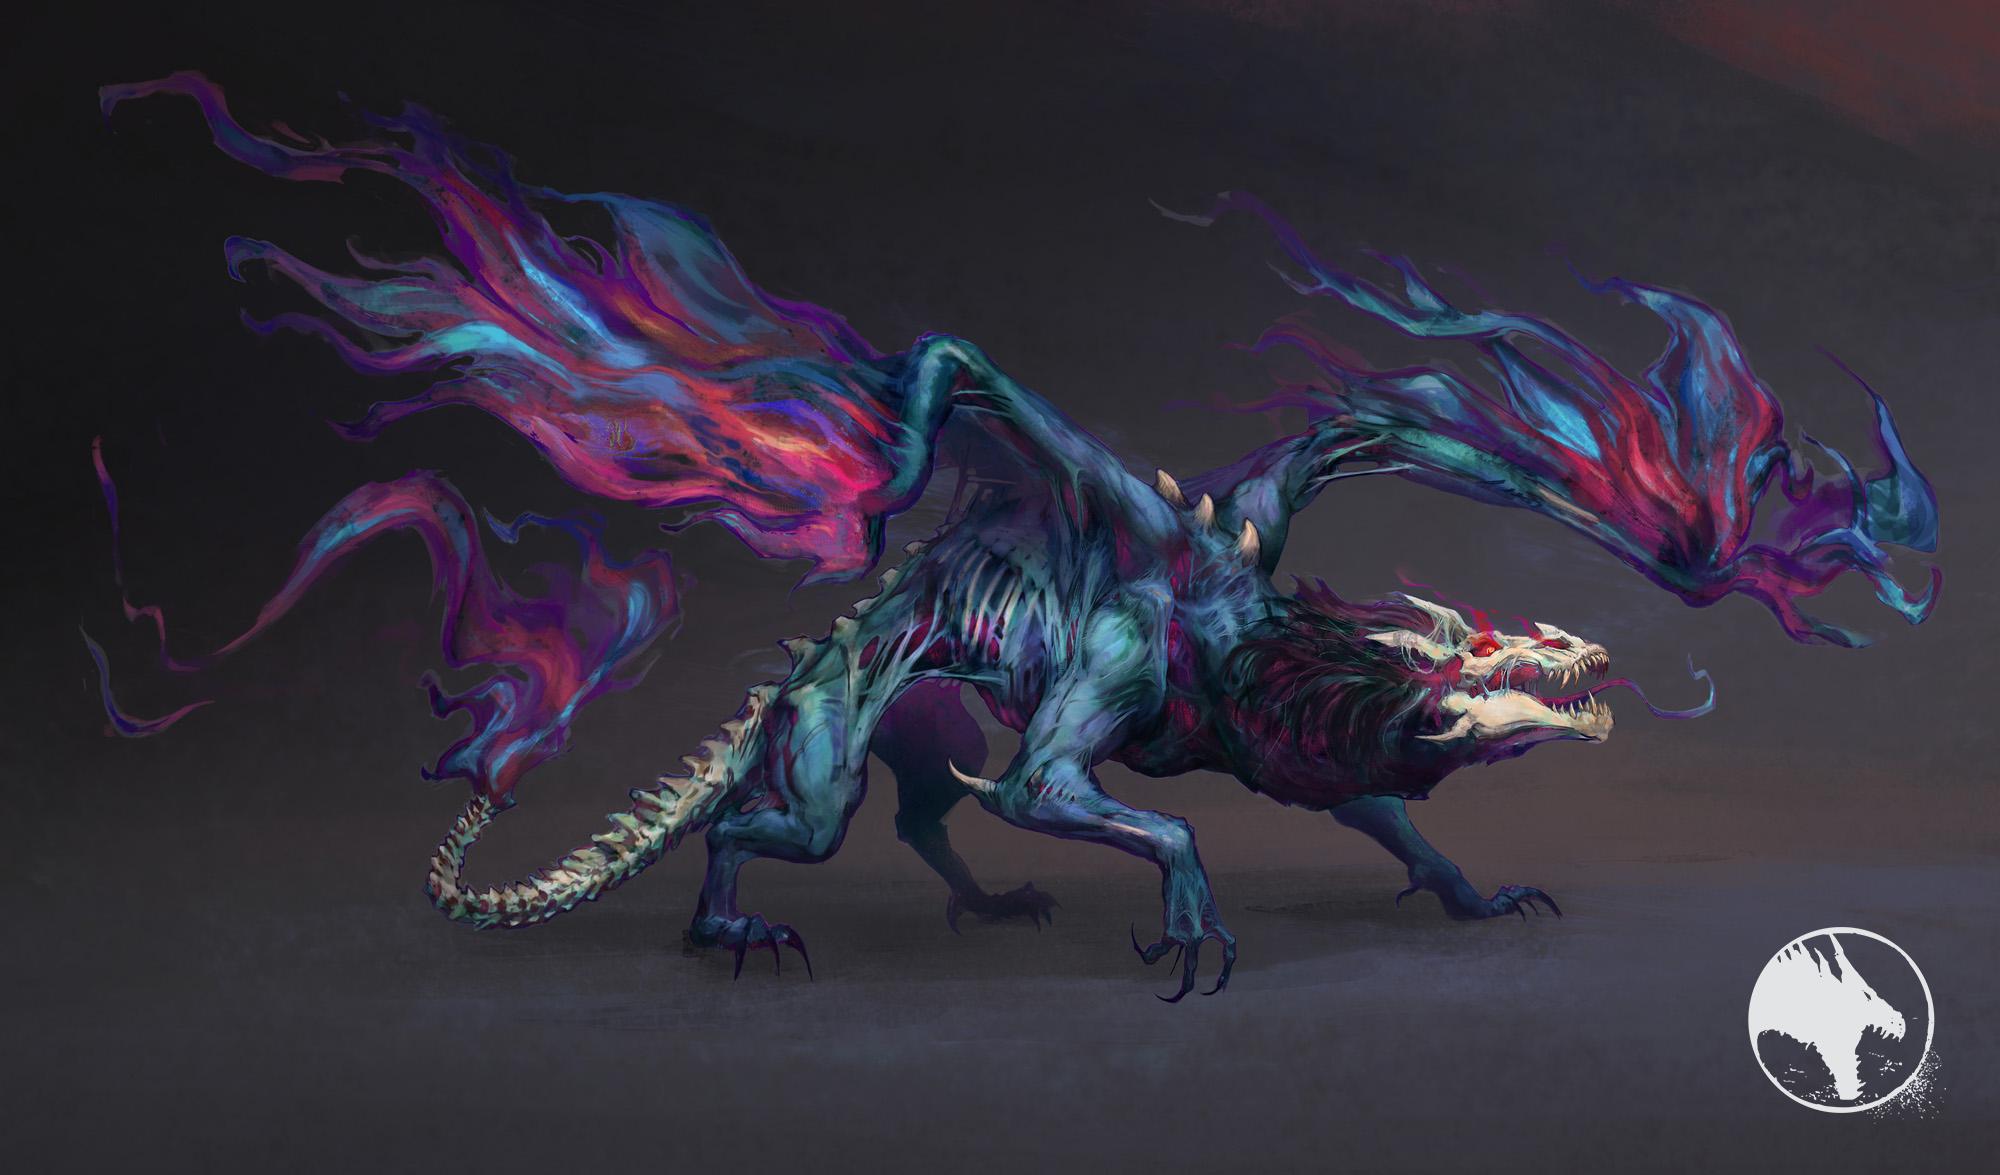 Duskfall Festive Dragon - Concept Art